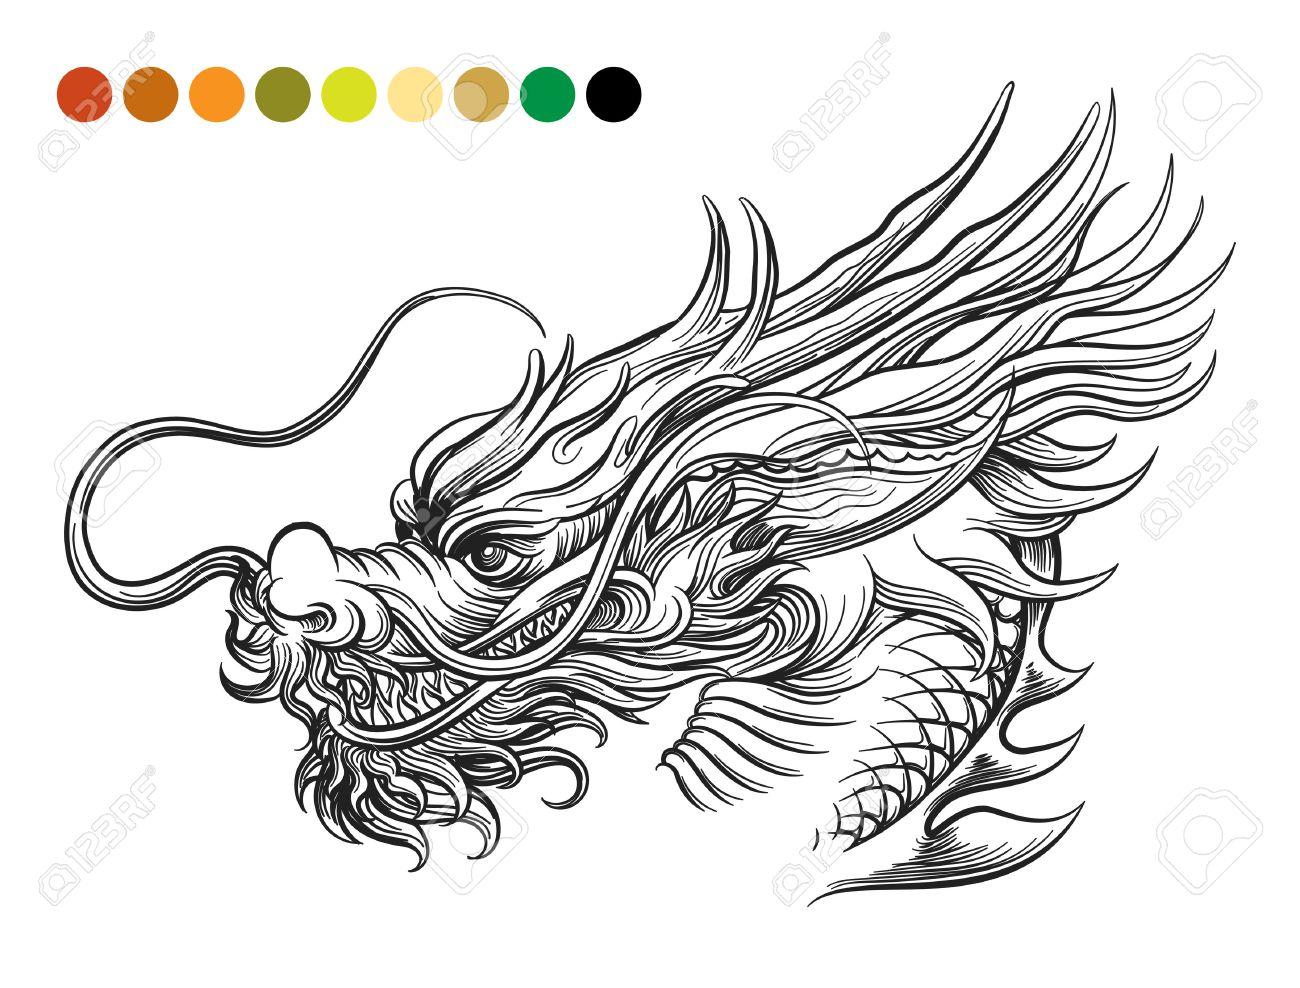 Excepcional Página Para Colorear Dragón Bandera - Dibujos Para ...